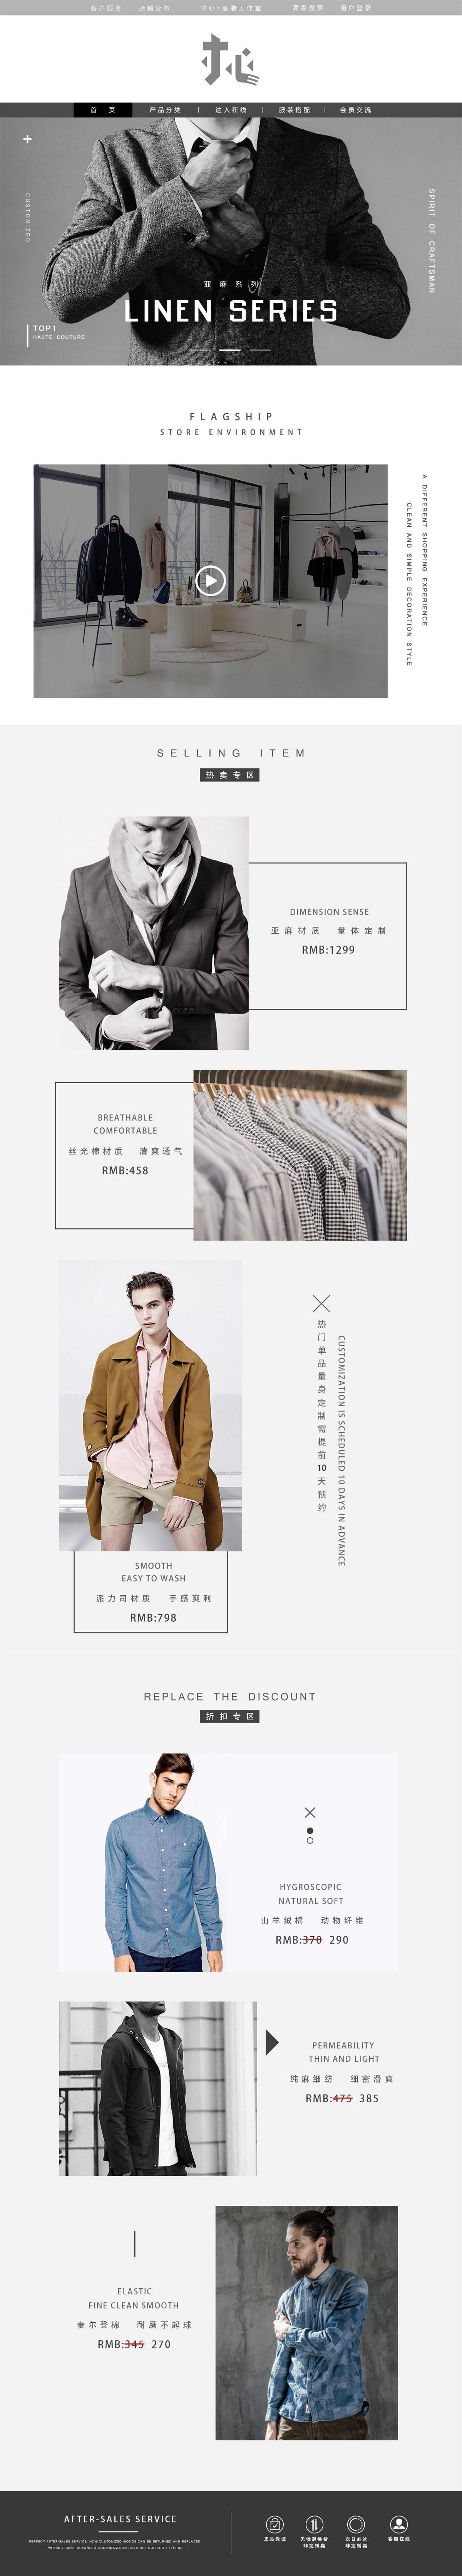 私人定制服装工作室网页设计